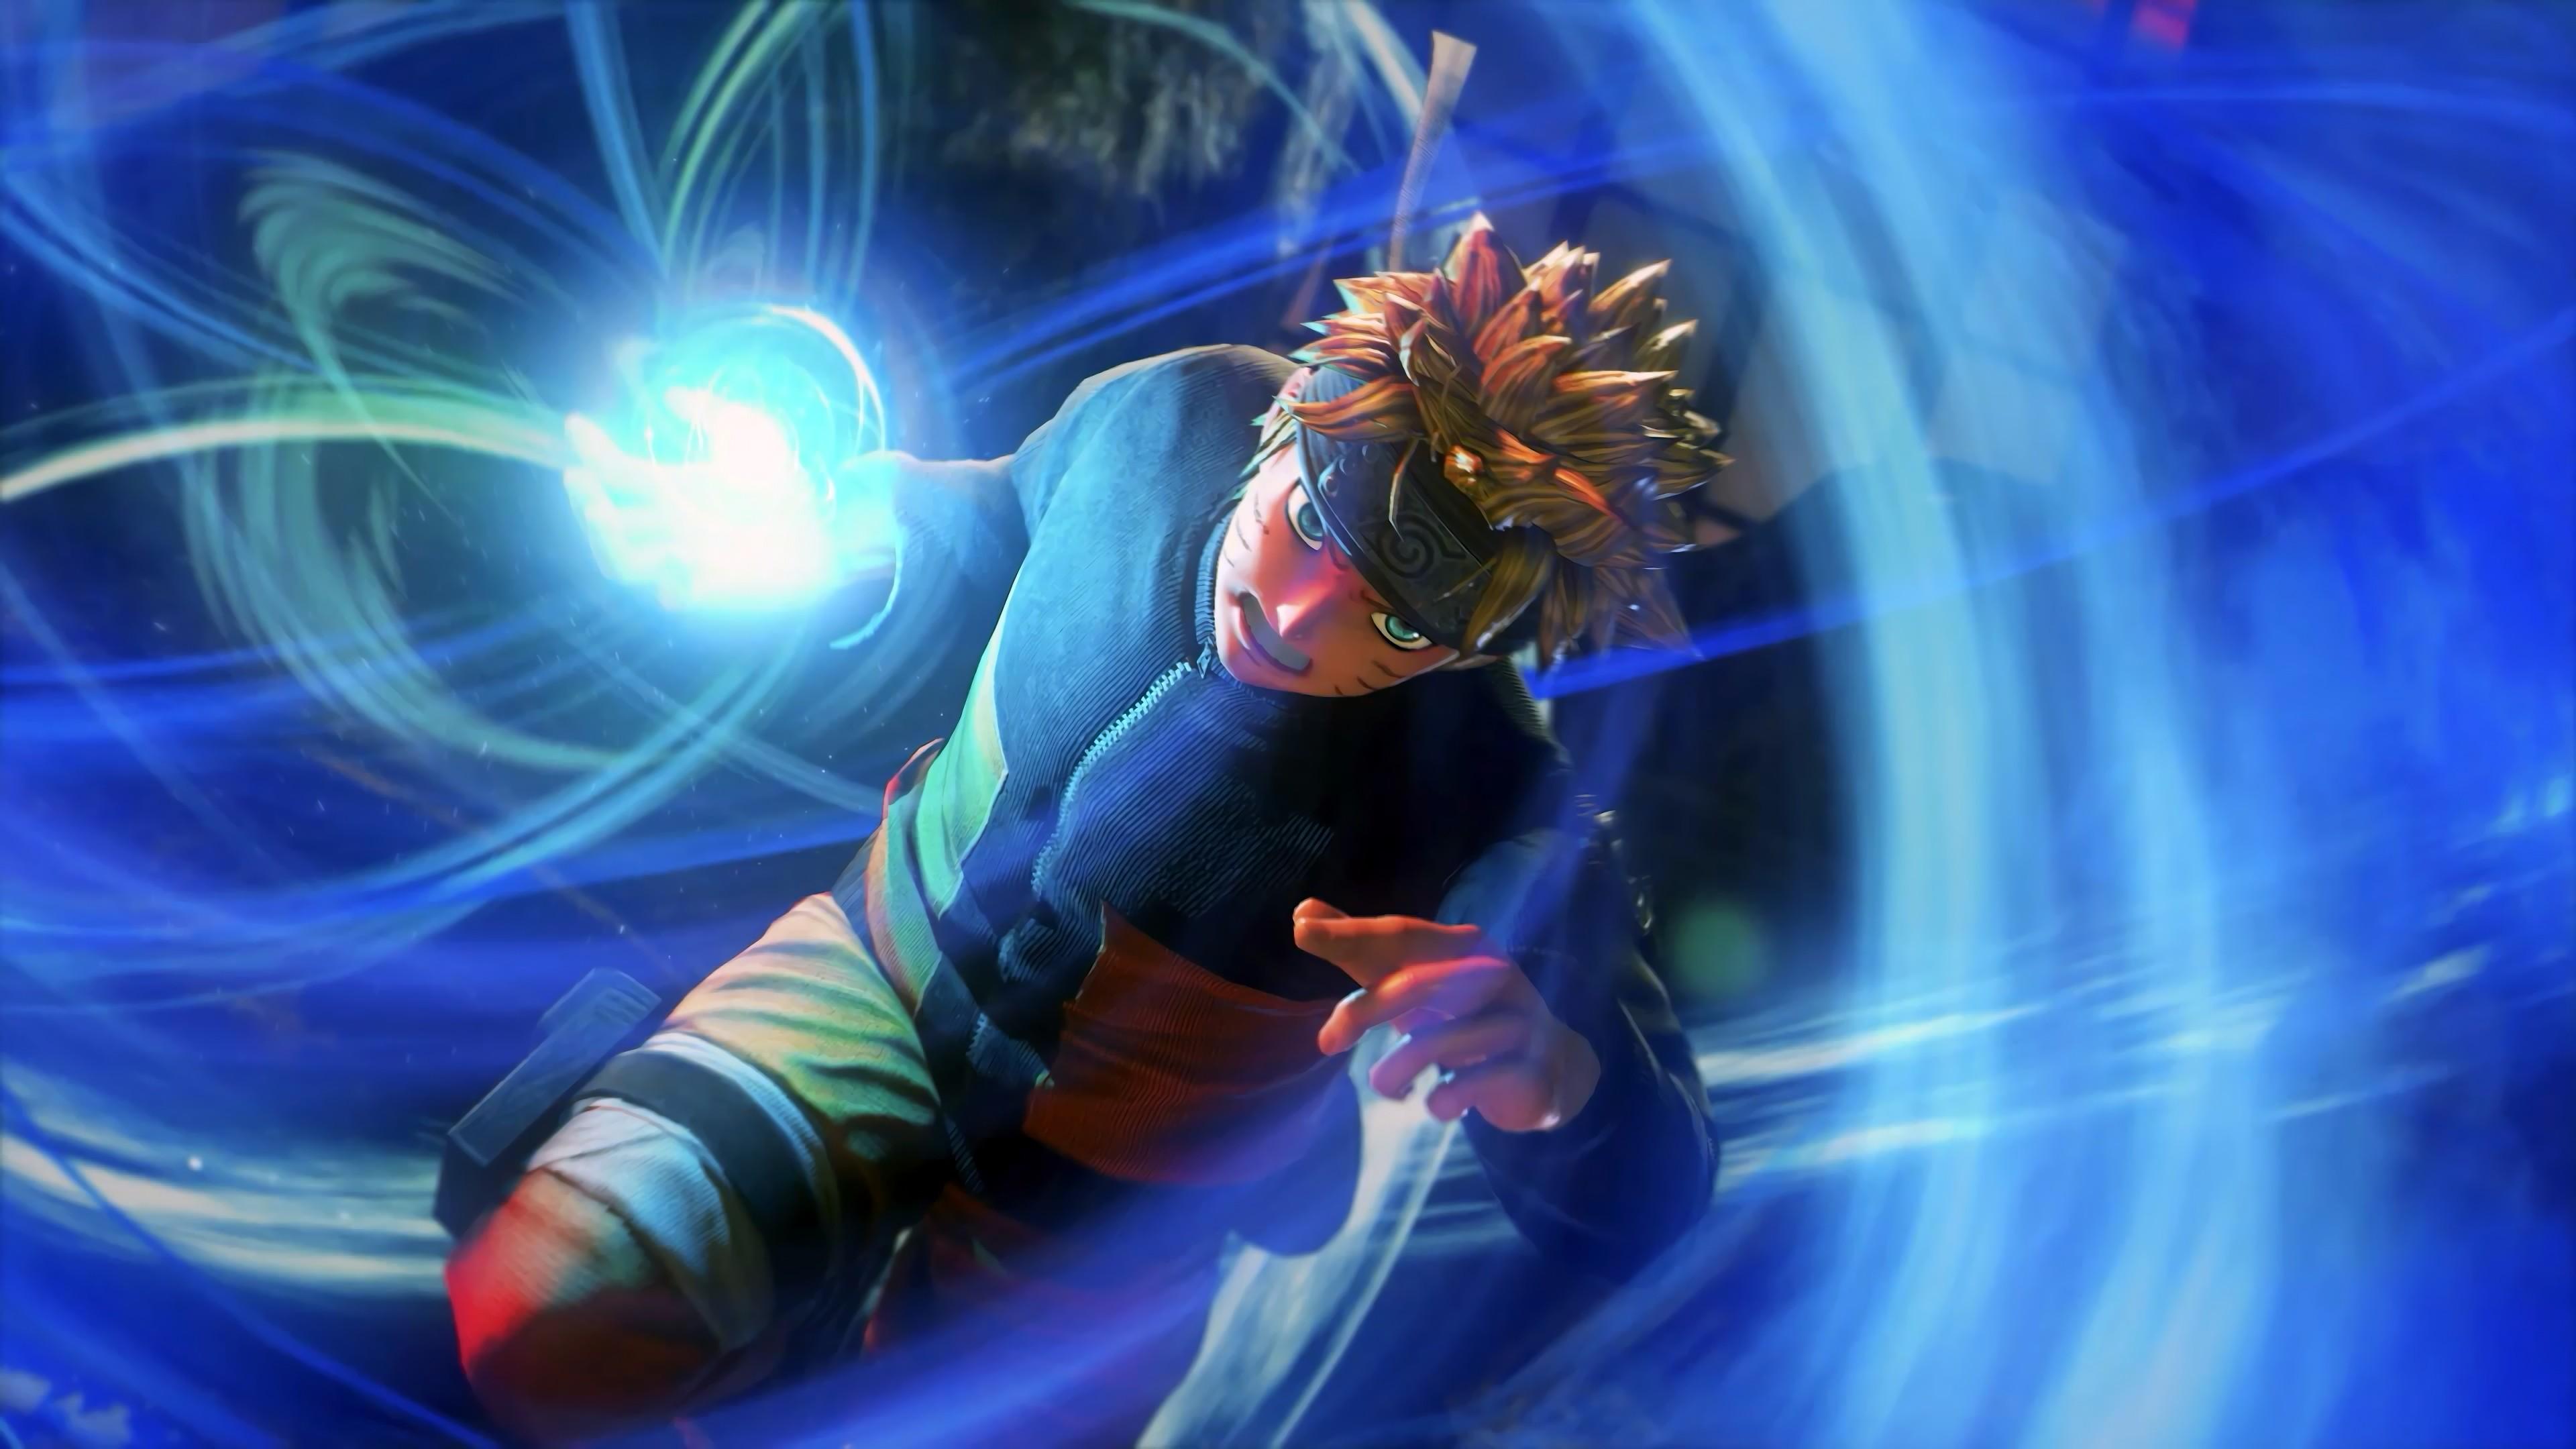 Naruto Rasengan wallpapers - HD wallpaper Collections ...